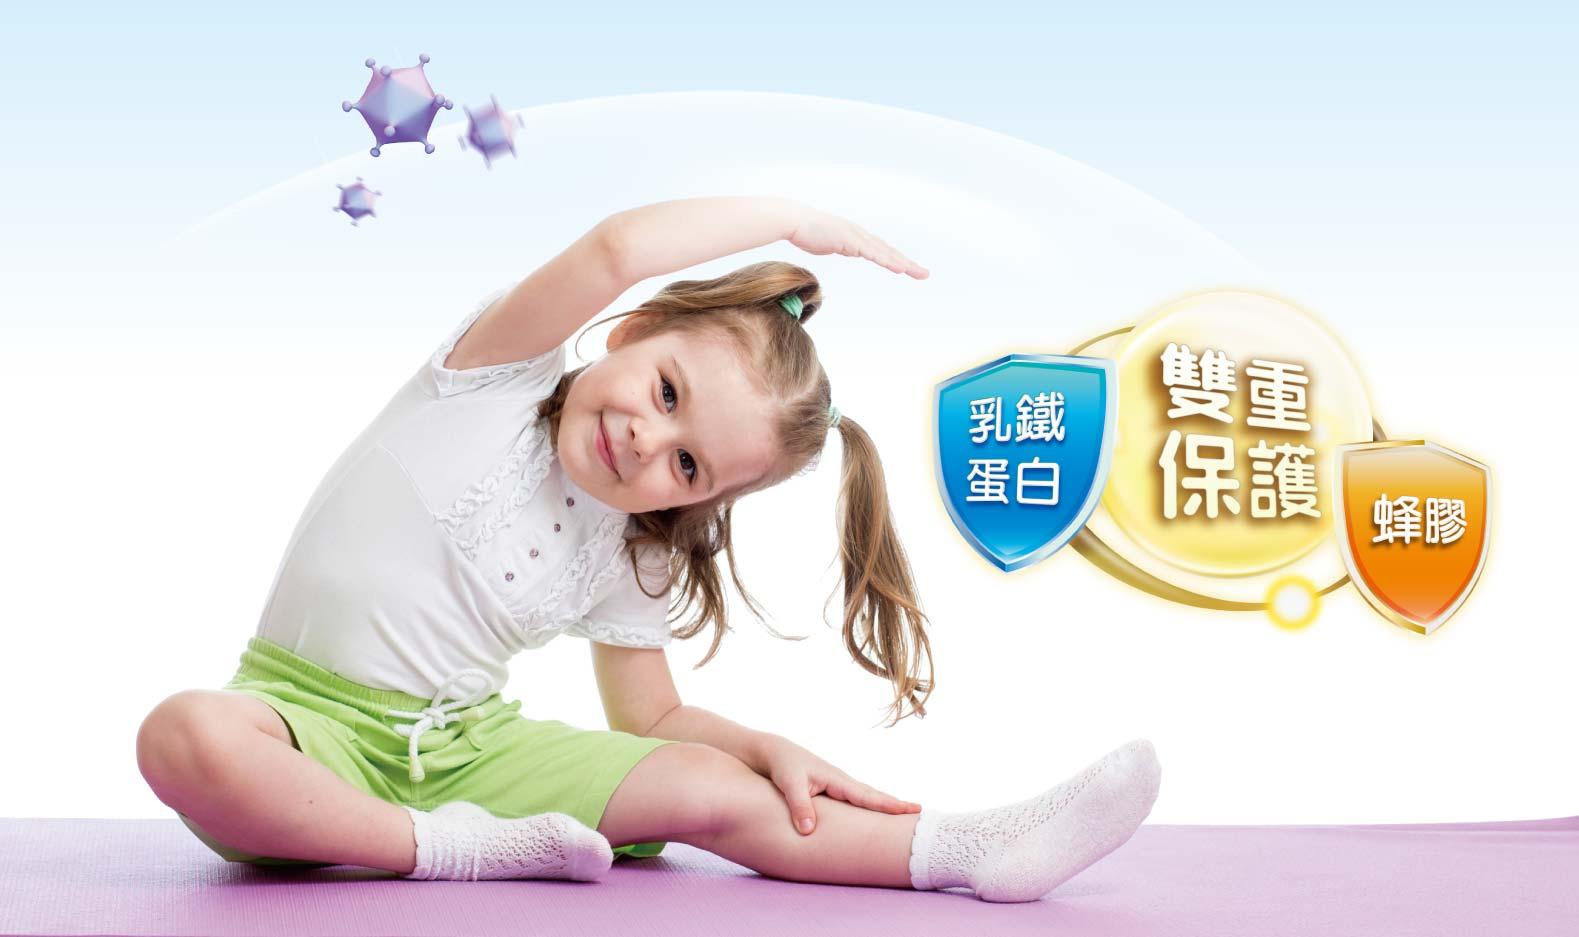 擔心寶寶免疫力不夠?!蜂膠 X 乳鐵蛋白打造健康防護罩